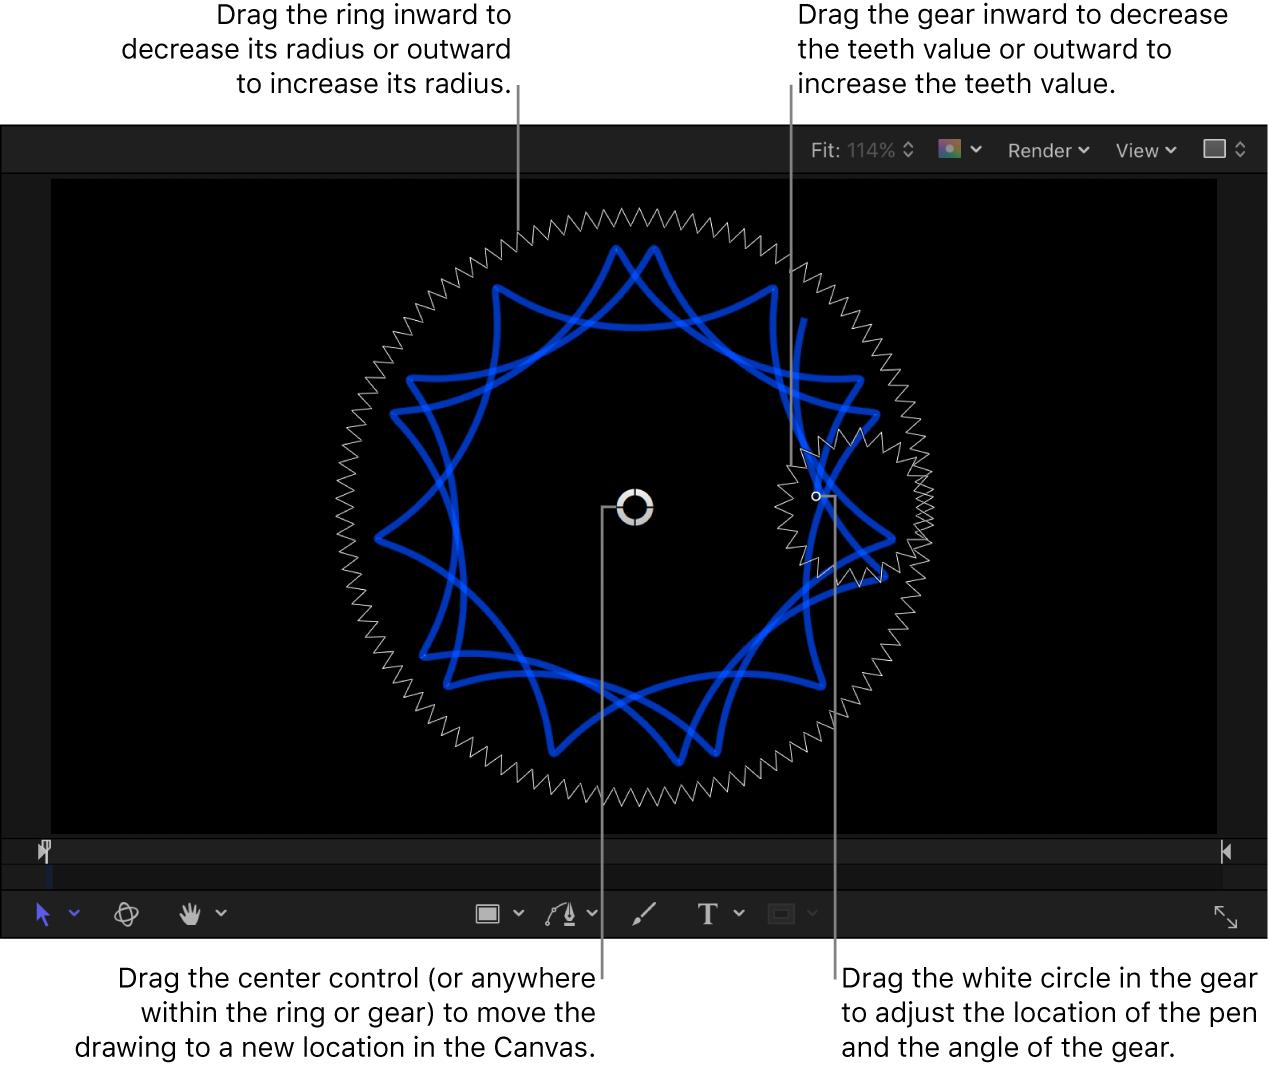 Canvas mit den Onscreen-Steuerelementen für die Spiralzeichnung